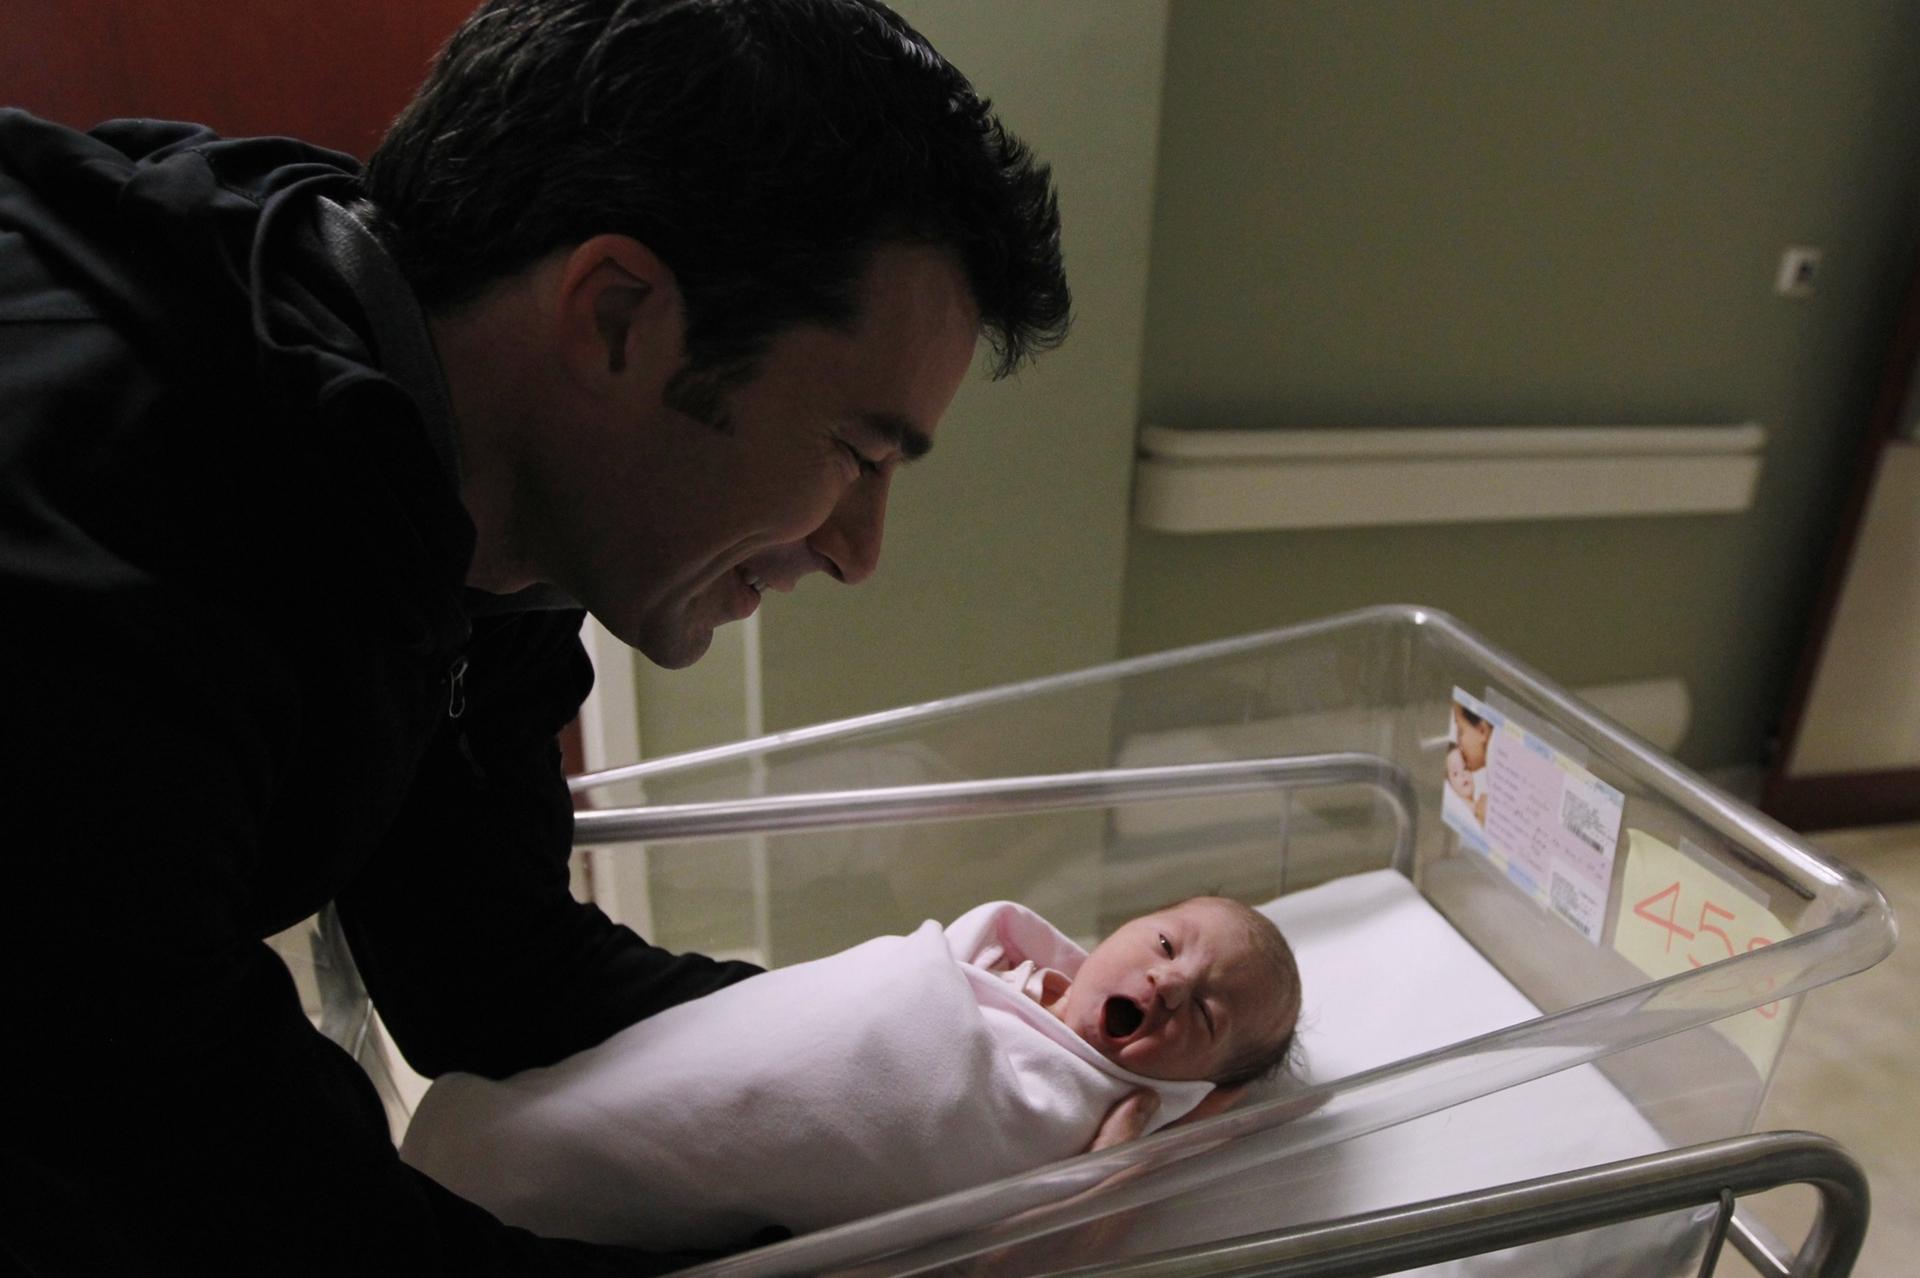 Congedo paternità 15 giorni ora obbligatorio. Svolta su congedo paternità!